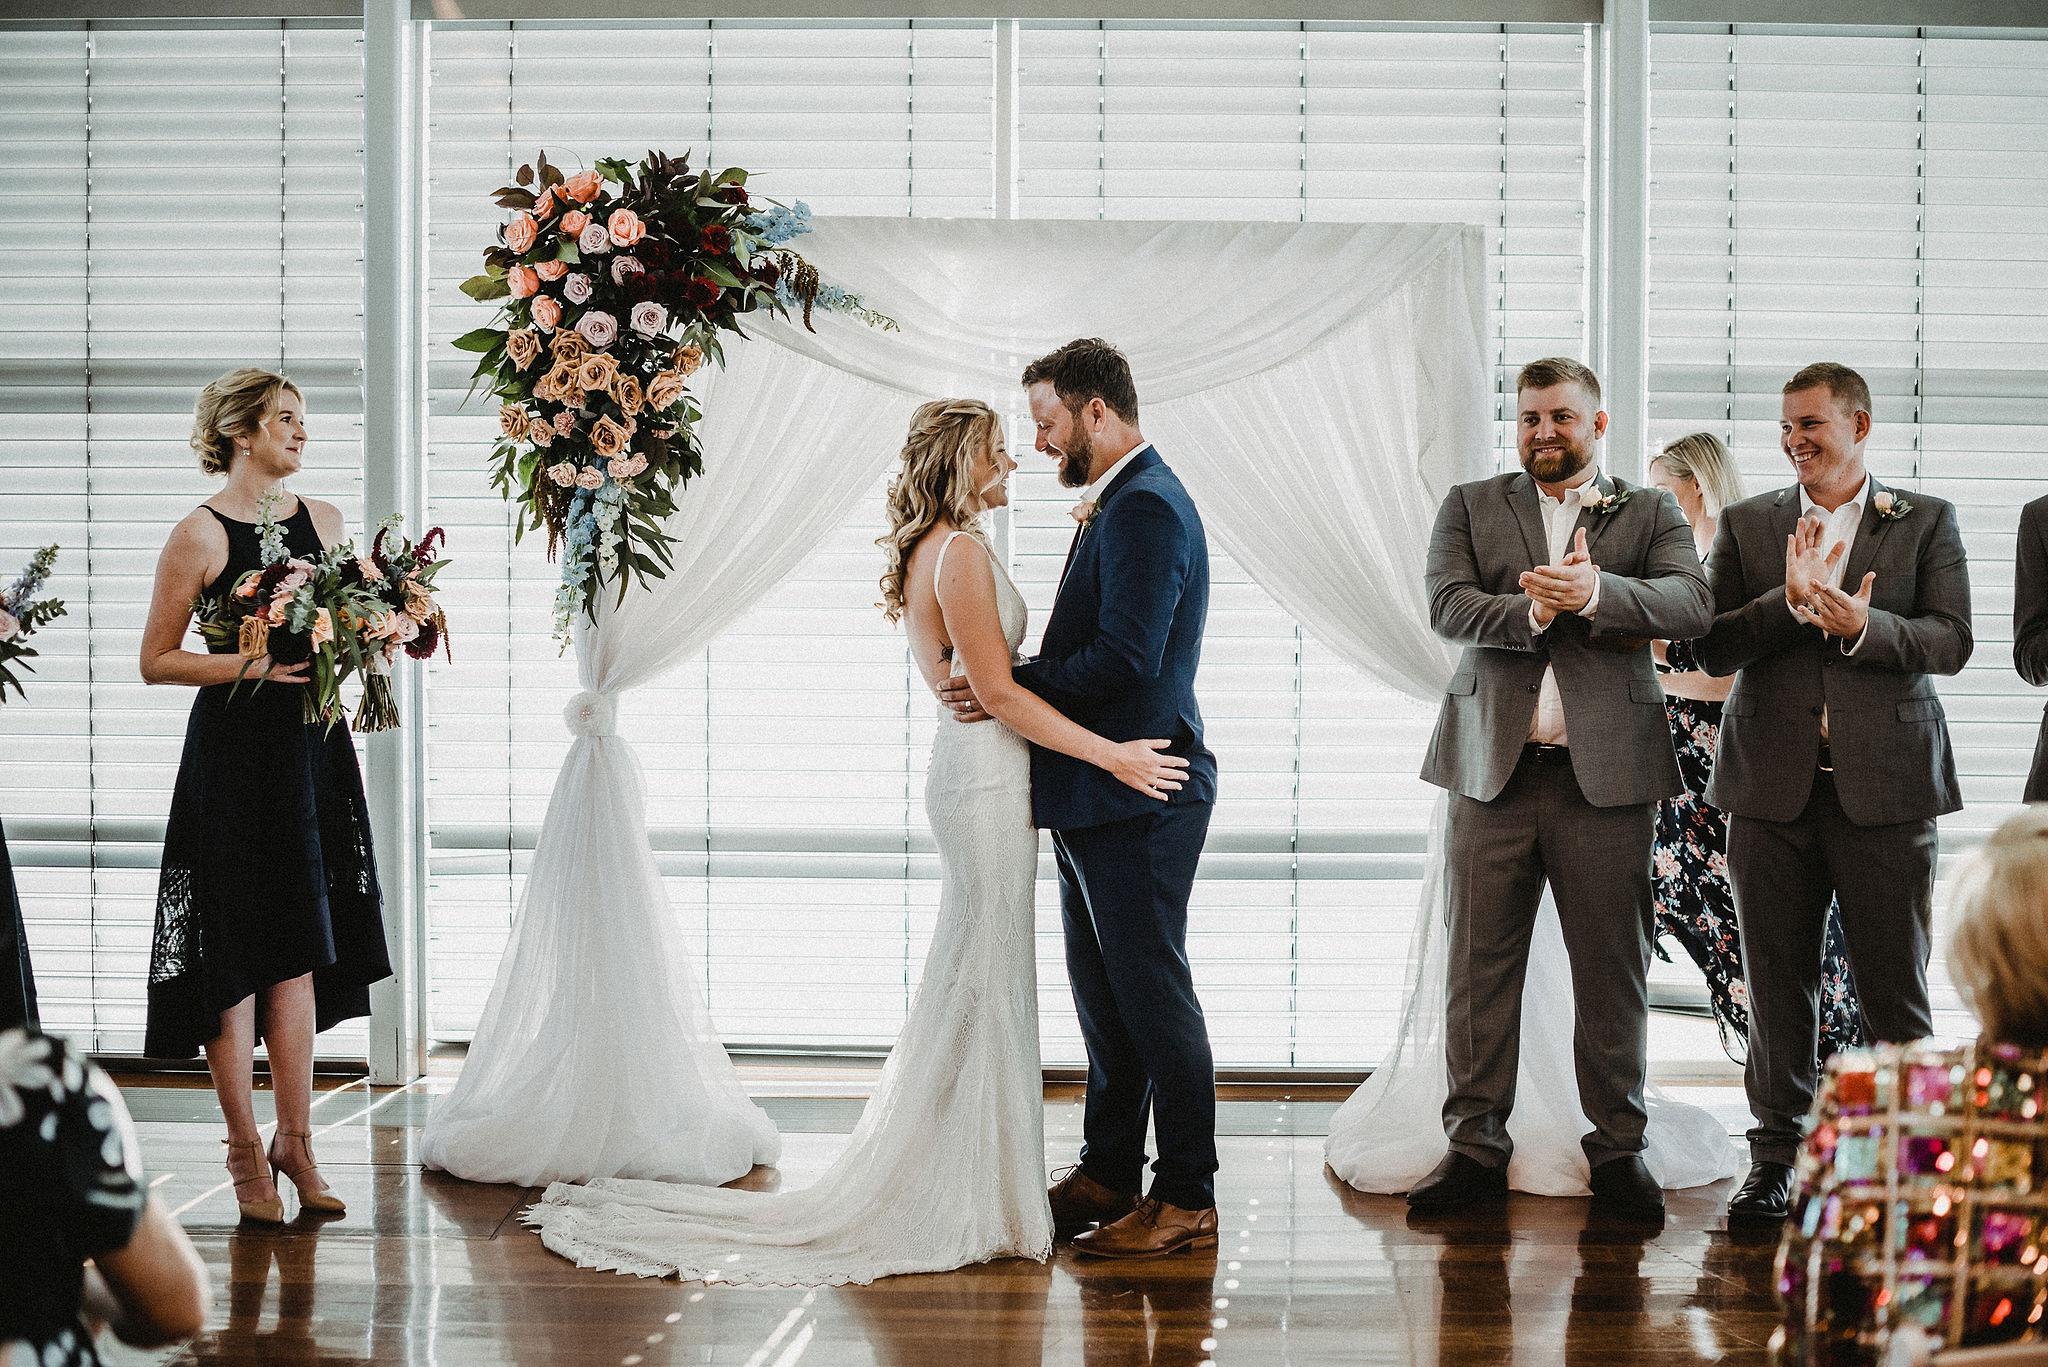 Perth Wedding Bride & Groom Ceremony